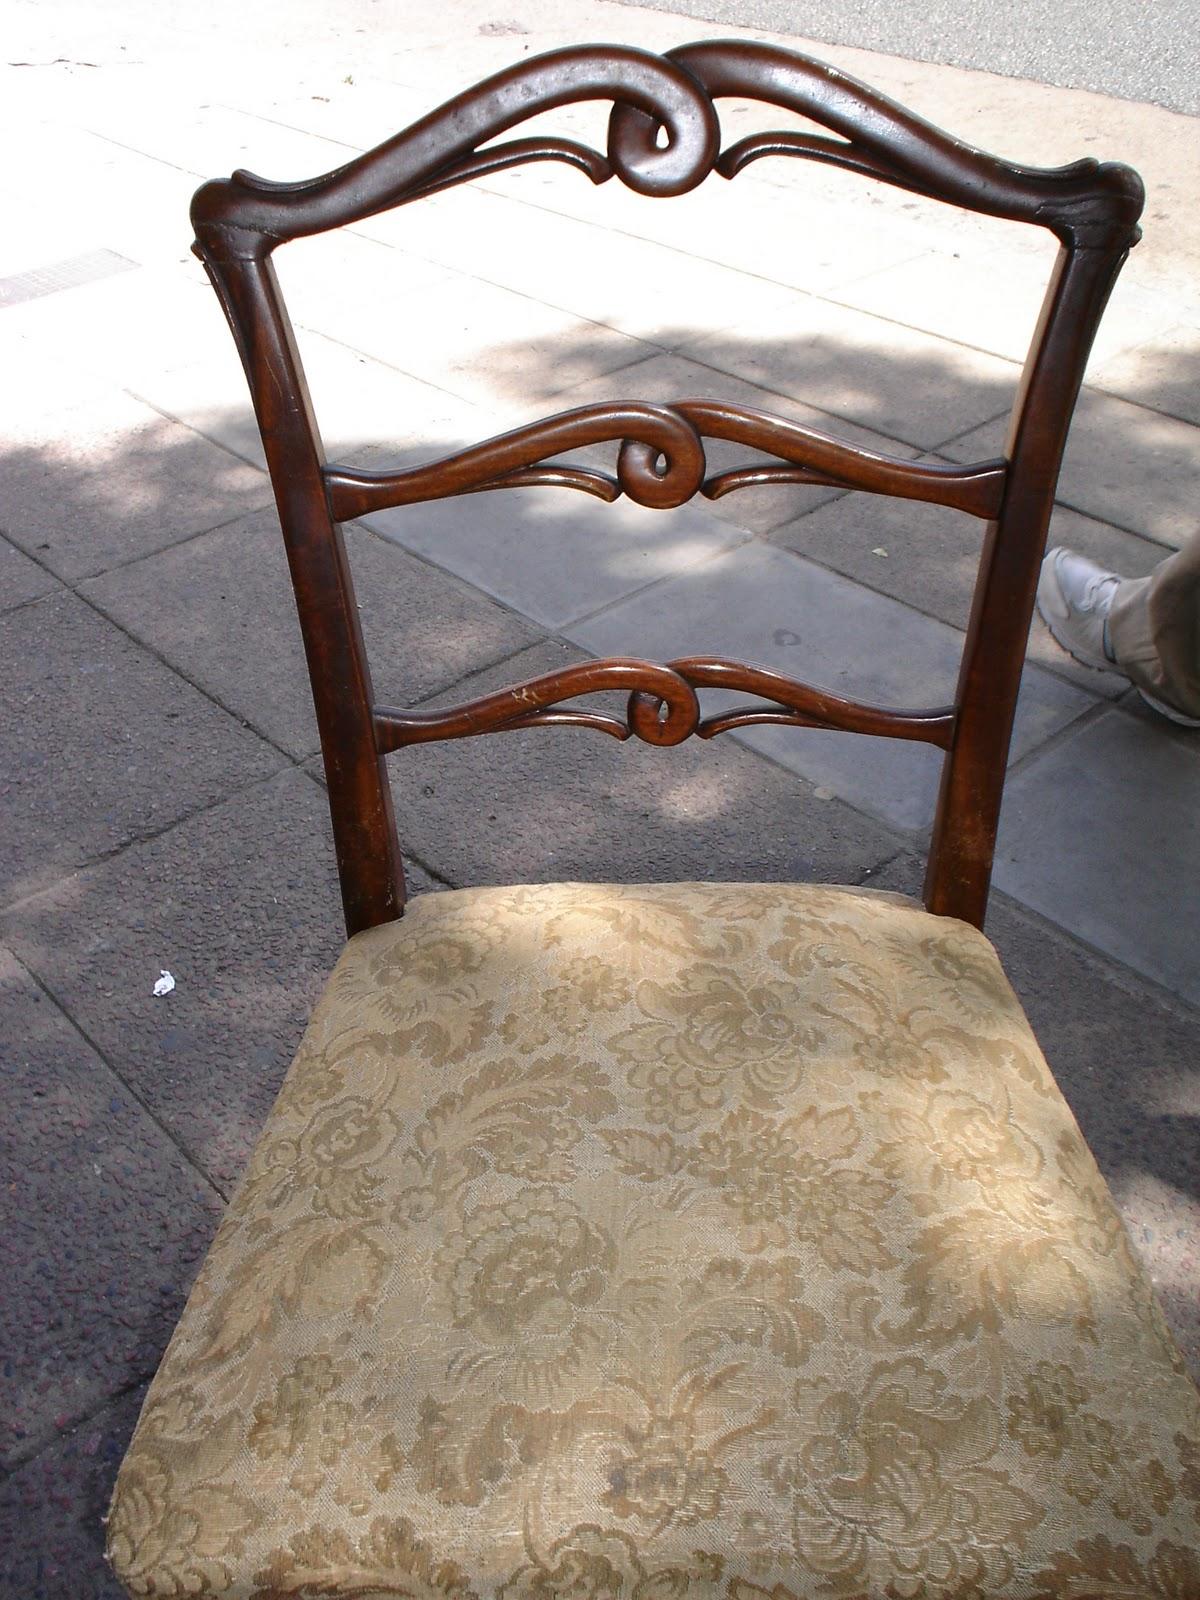 imagenes de muebles en ingles - Muebles de estilo inglés Imágenes y fotos Decopasión